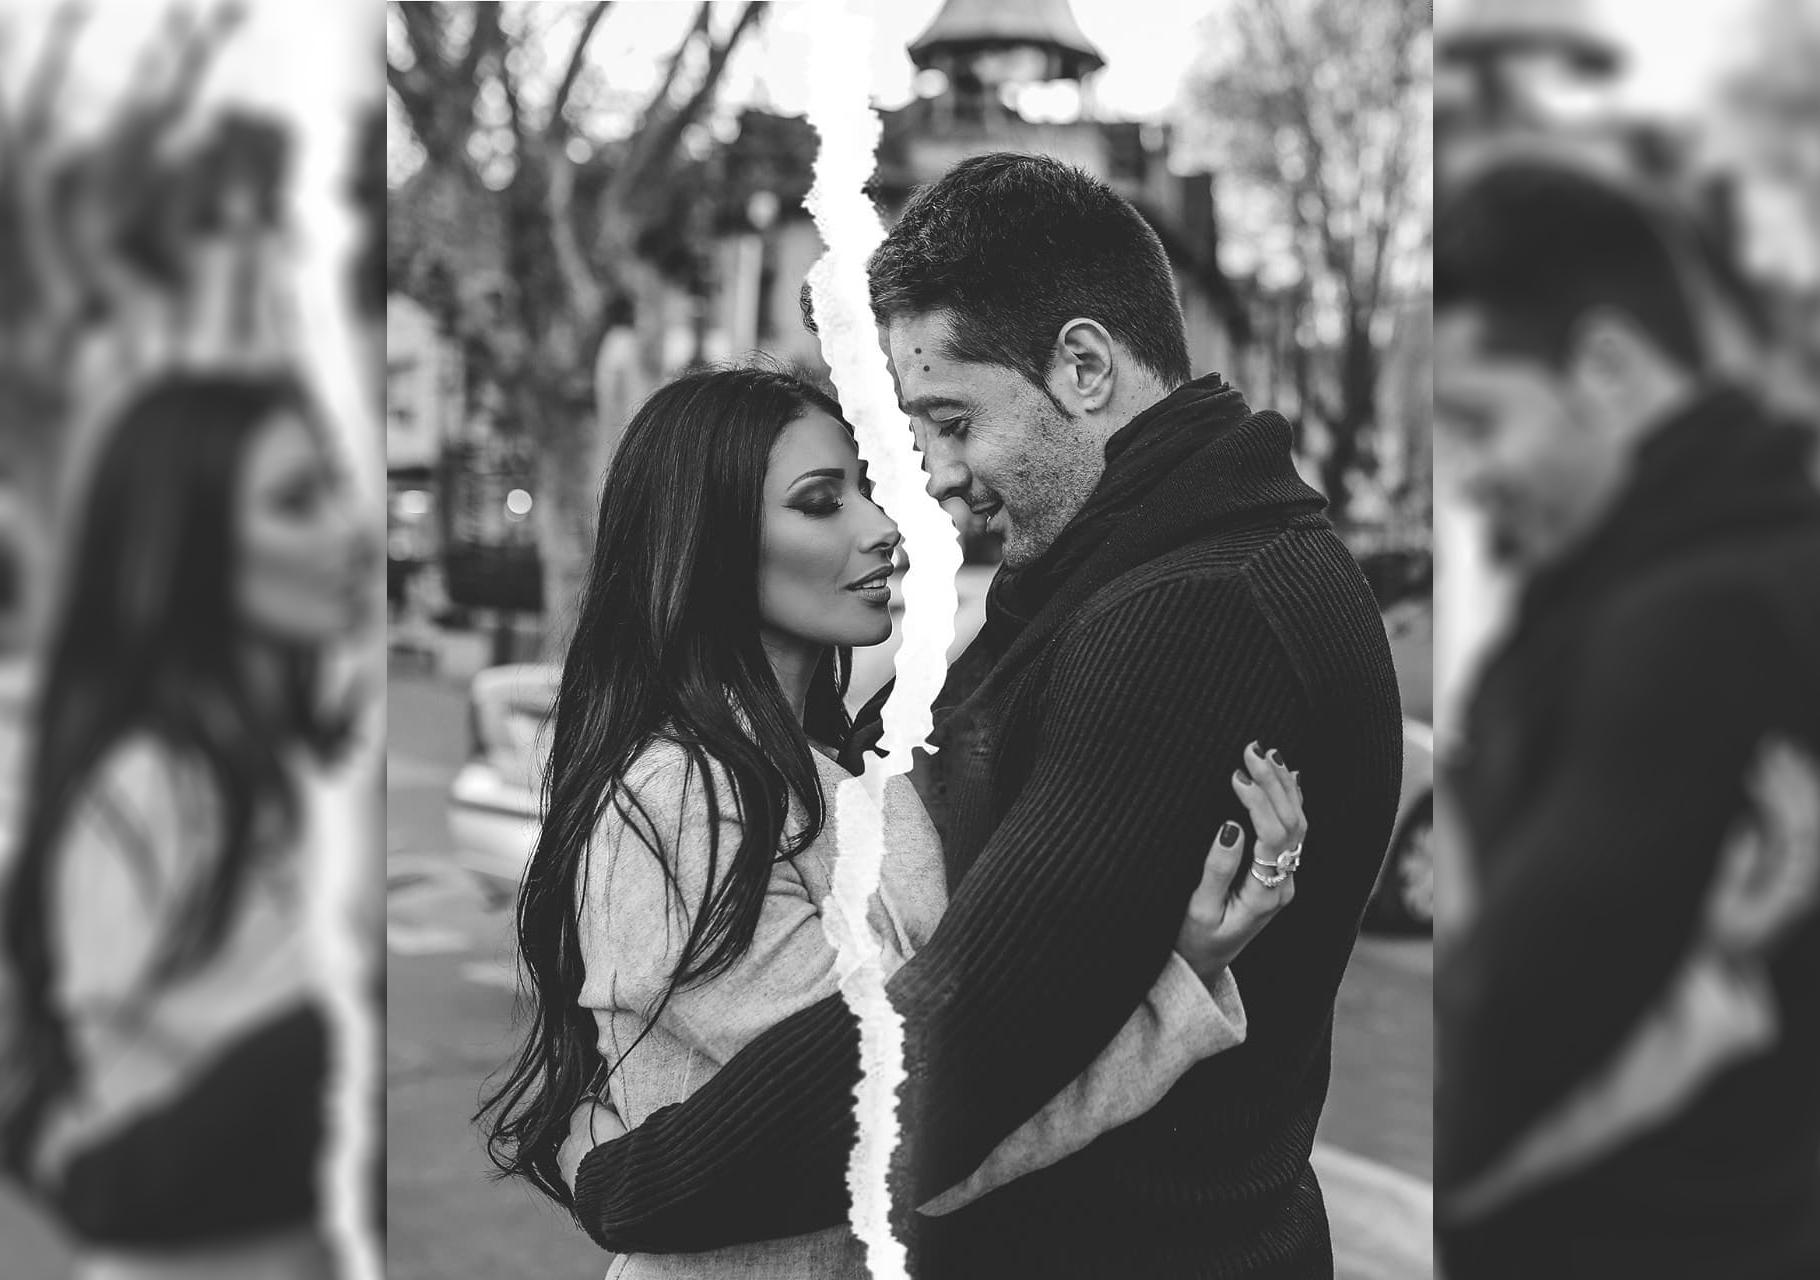 Simaria Mendes anuncia fim do casamento após 14 anos de relação